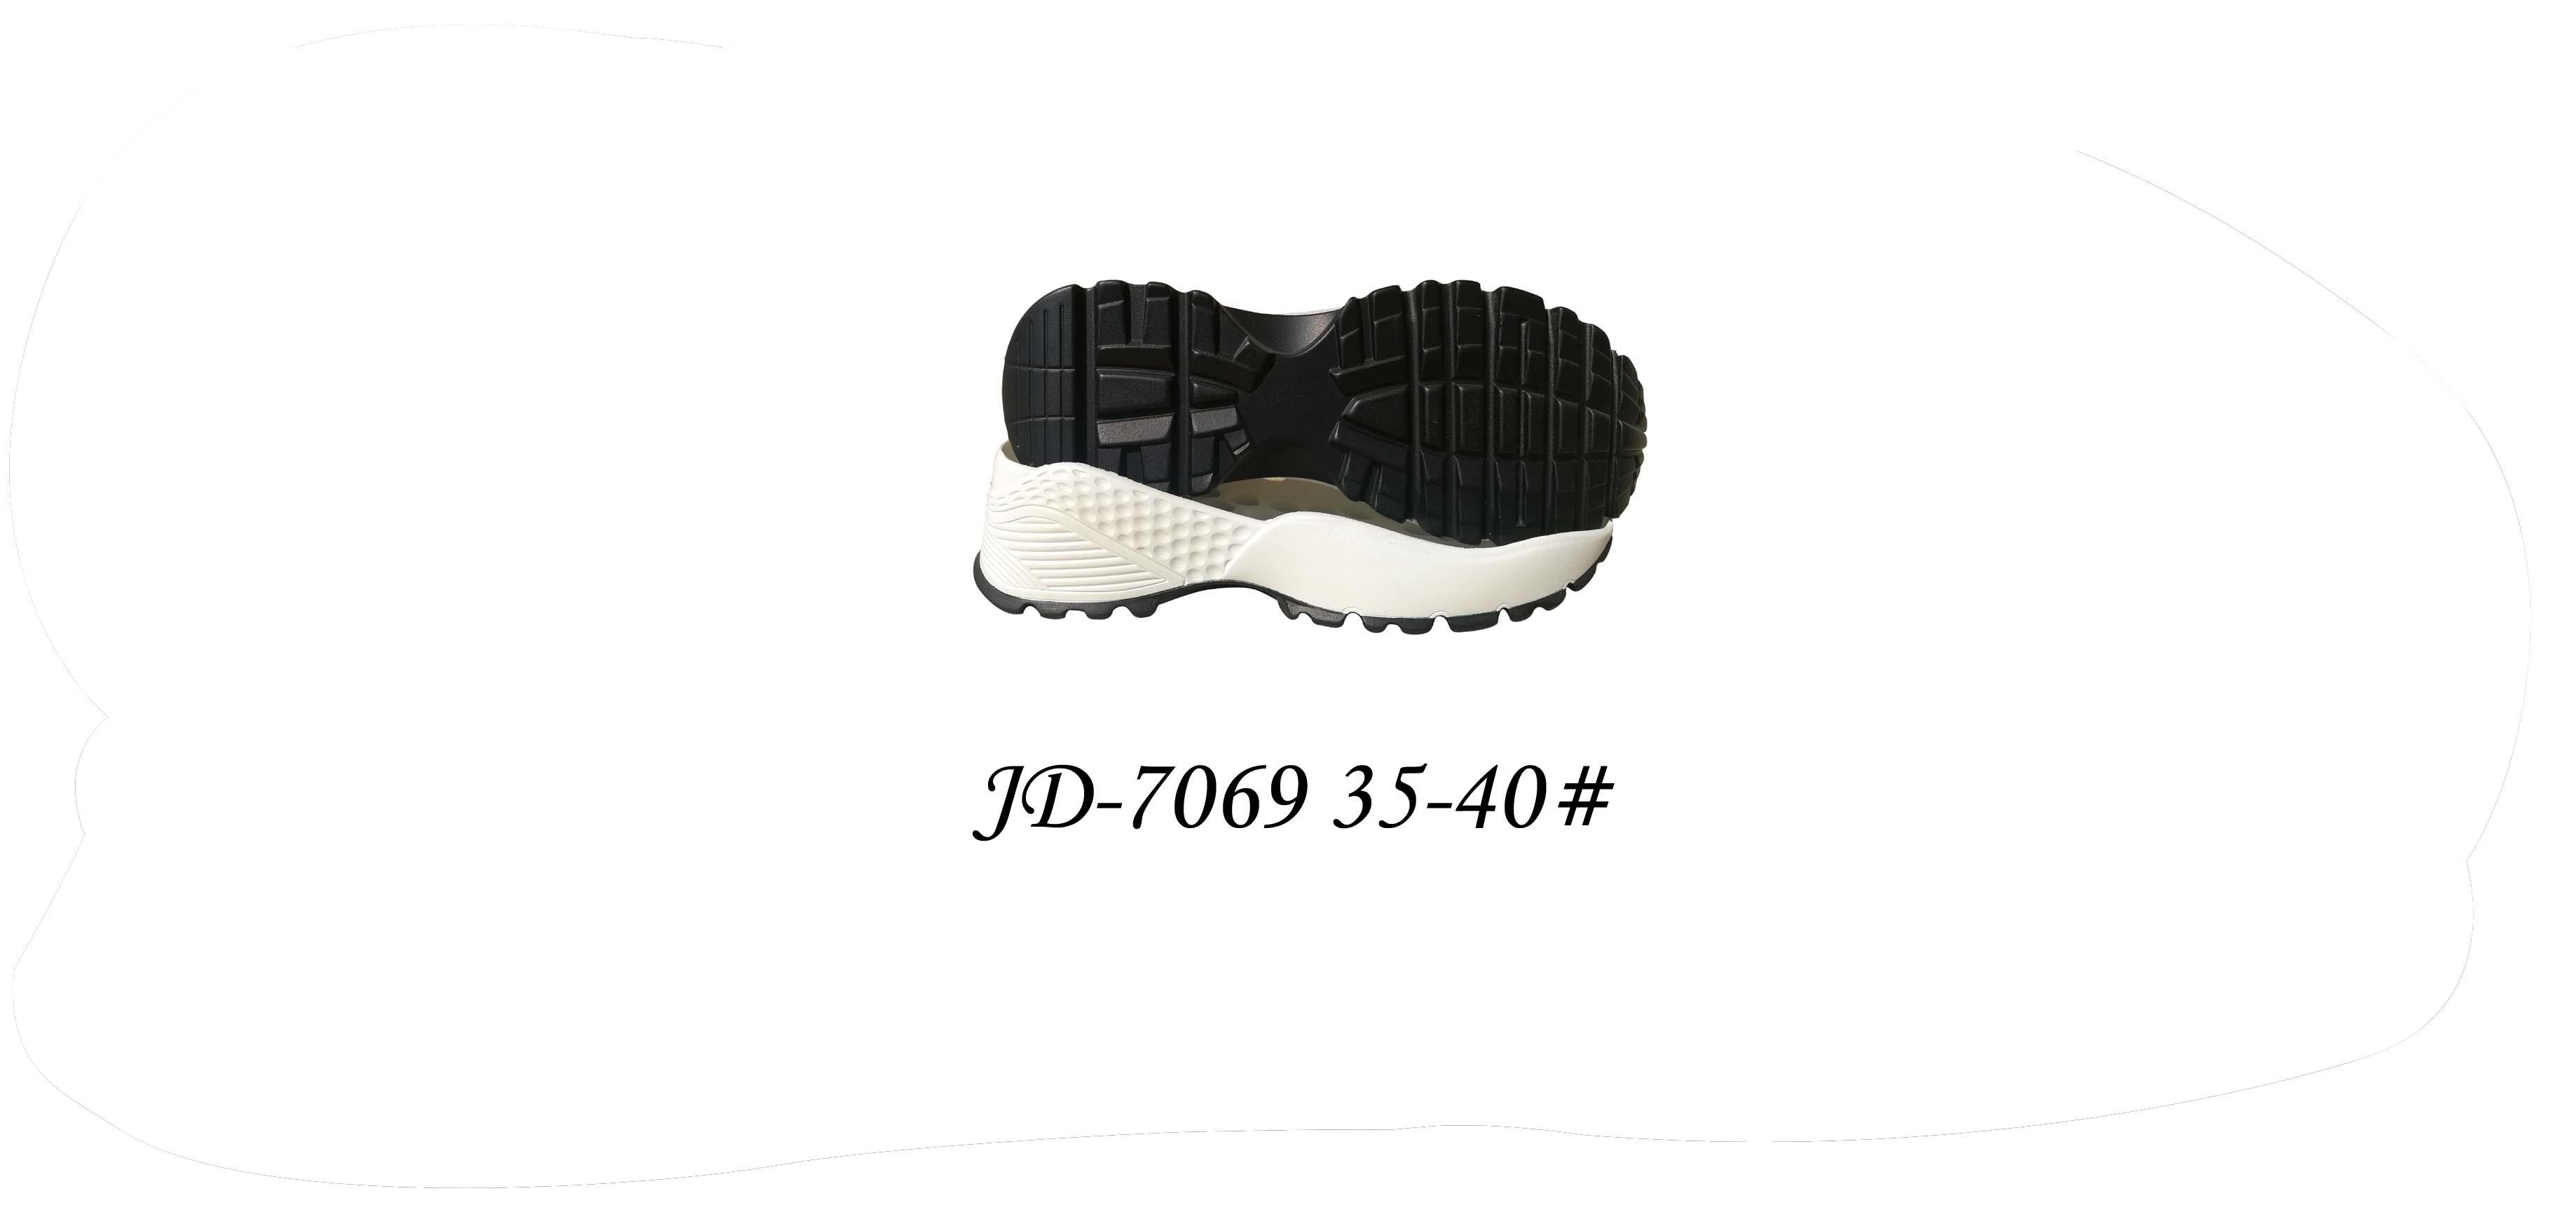 鞋底 PU 女段 休闲鞋 双色 35-40# 一体 JD-7069